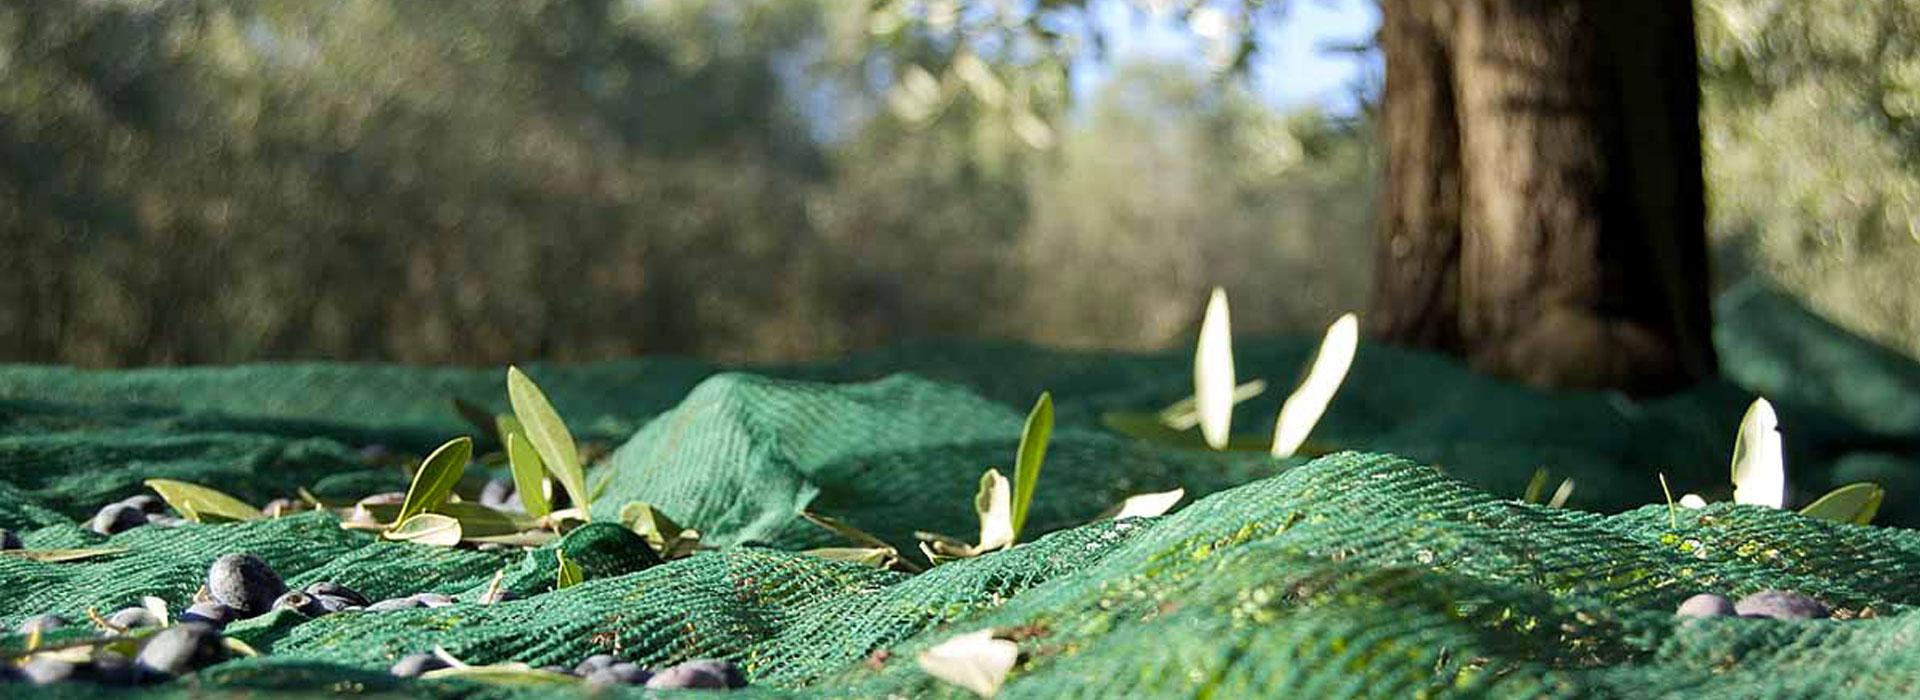 L'olivicoltura di Tenuta Castellana: agricoltura sociale e sostenibile